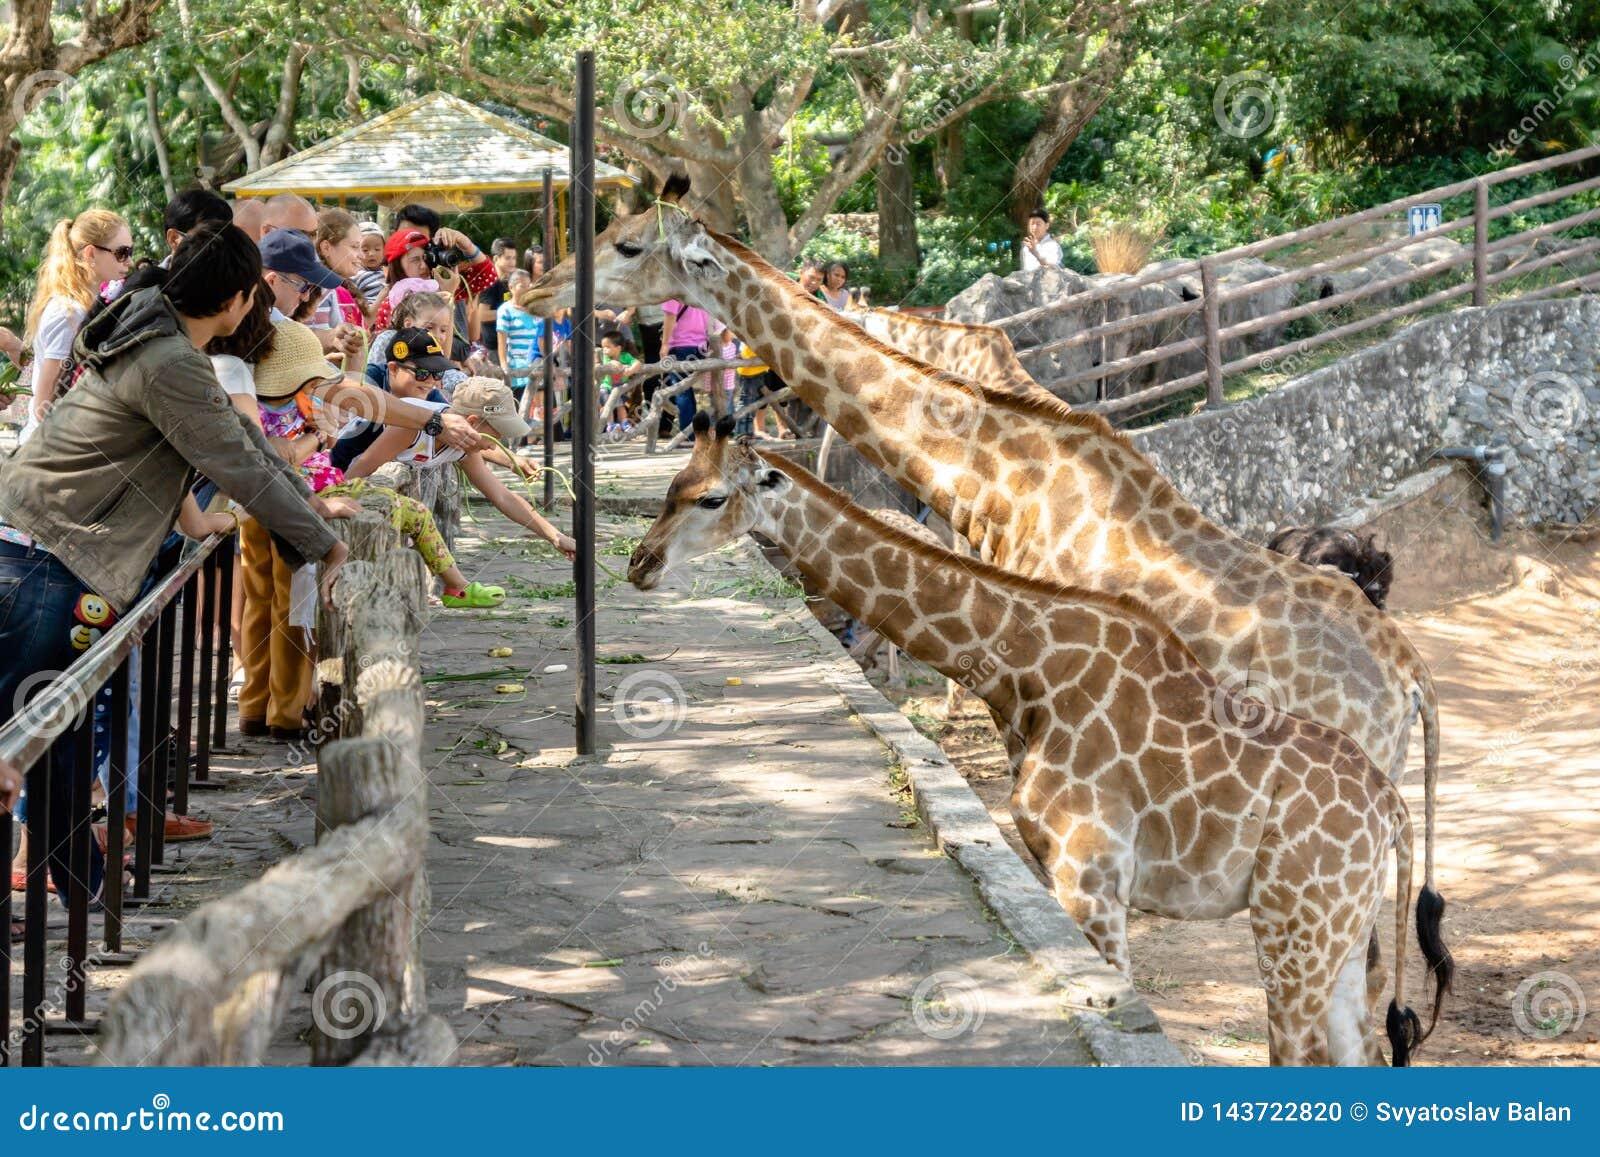 Οι τουρίστες ταΐζουν giraffes στο ζωολογικό κήπο Pattaya